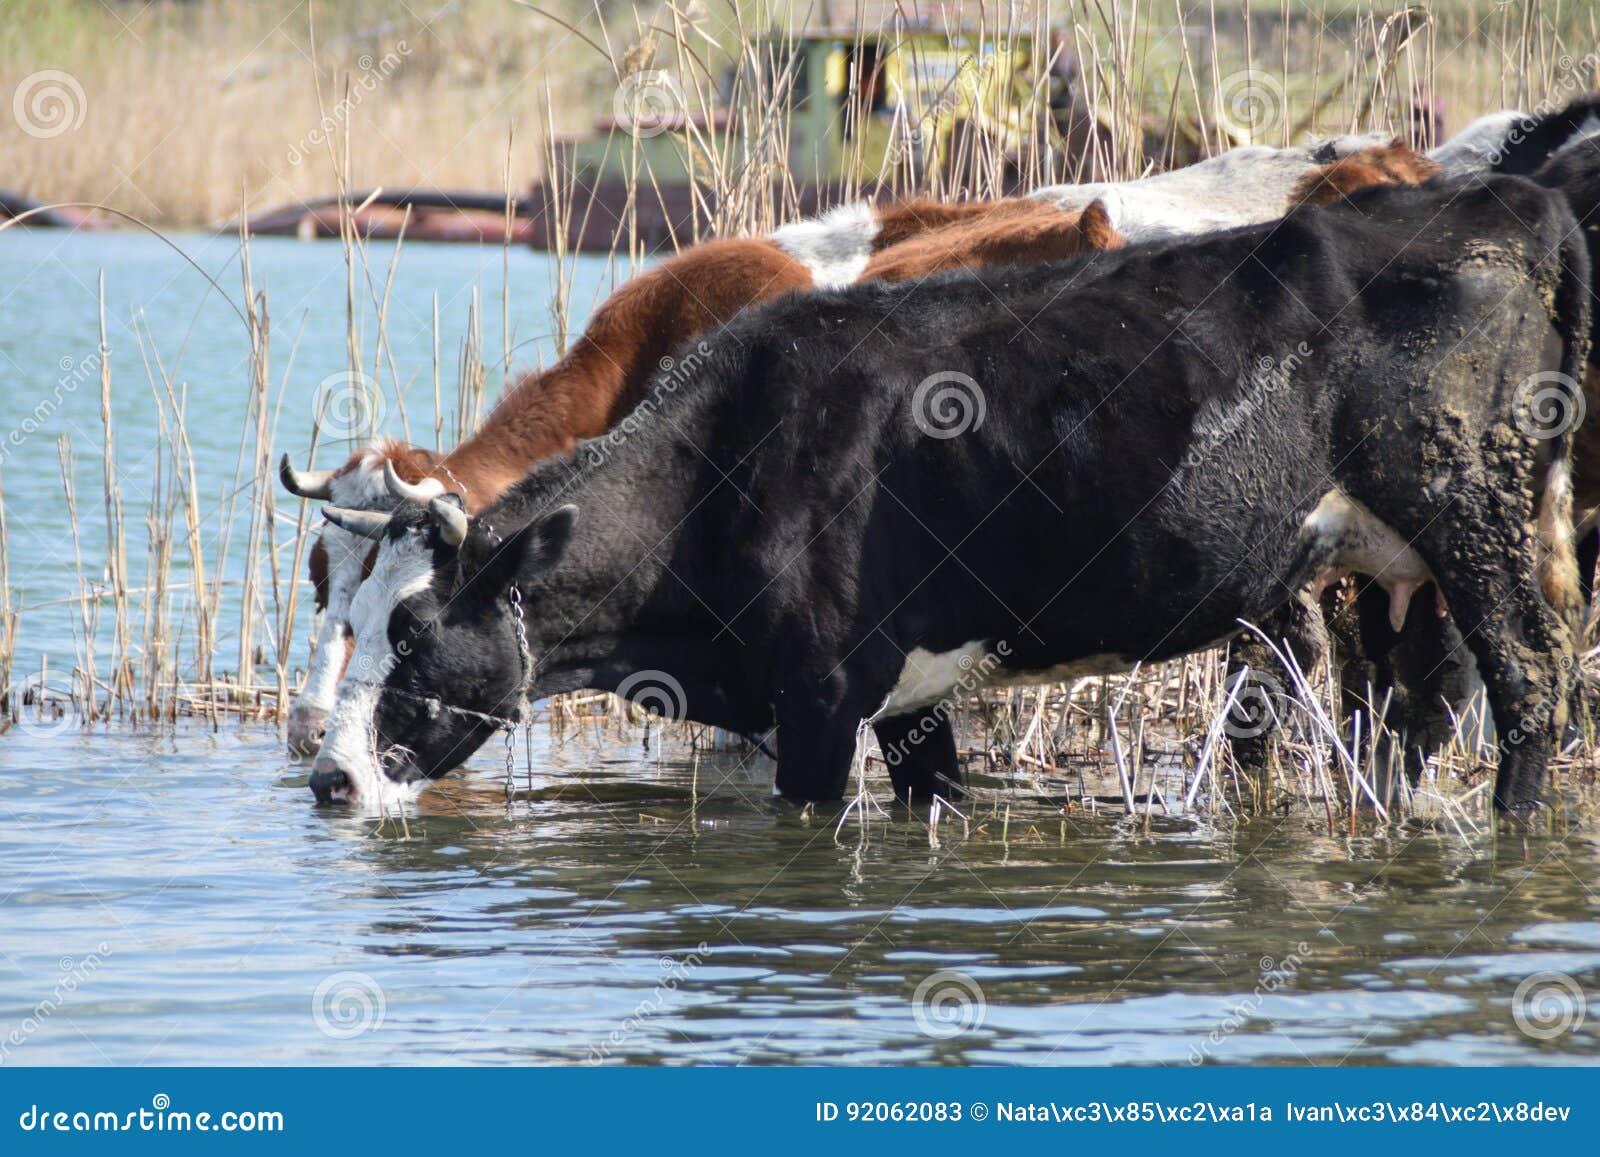 Deux vaches sur l abreuvoir entouré par des roseaux, avec un bateau de dragage de sable fonctionnant à l arrière-plan